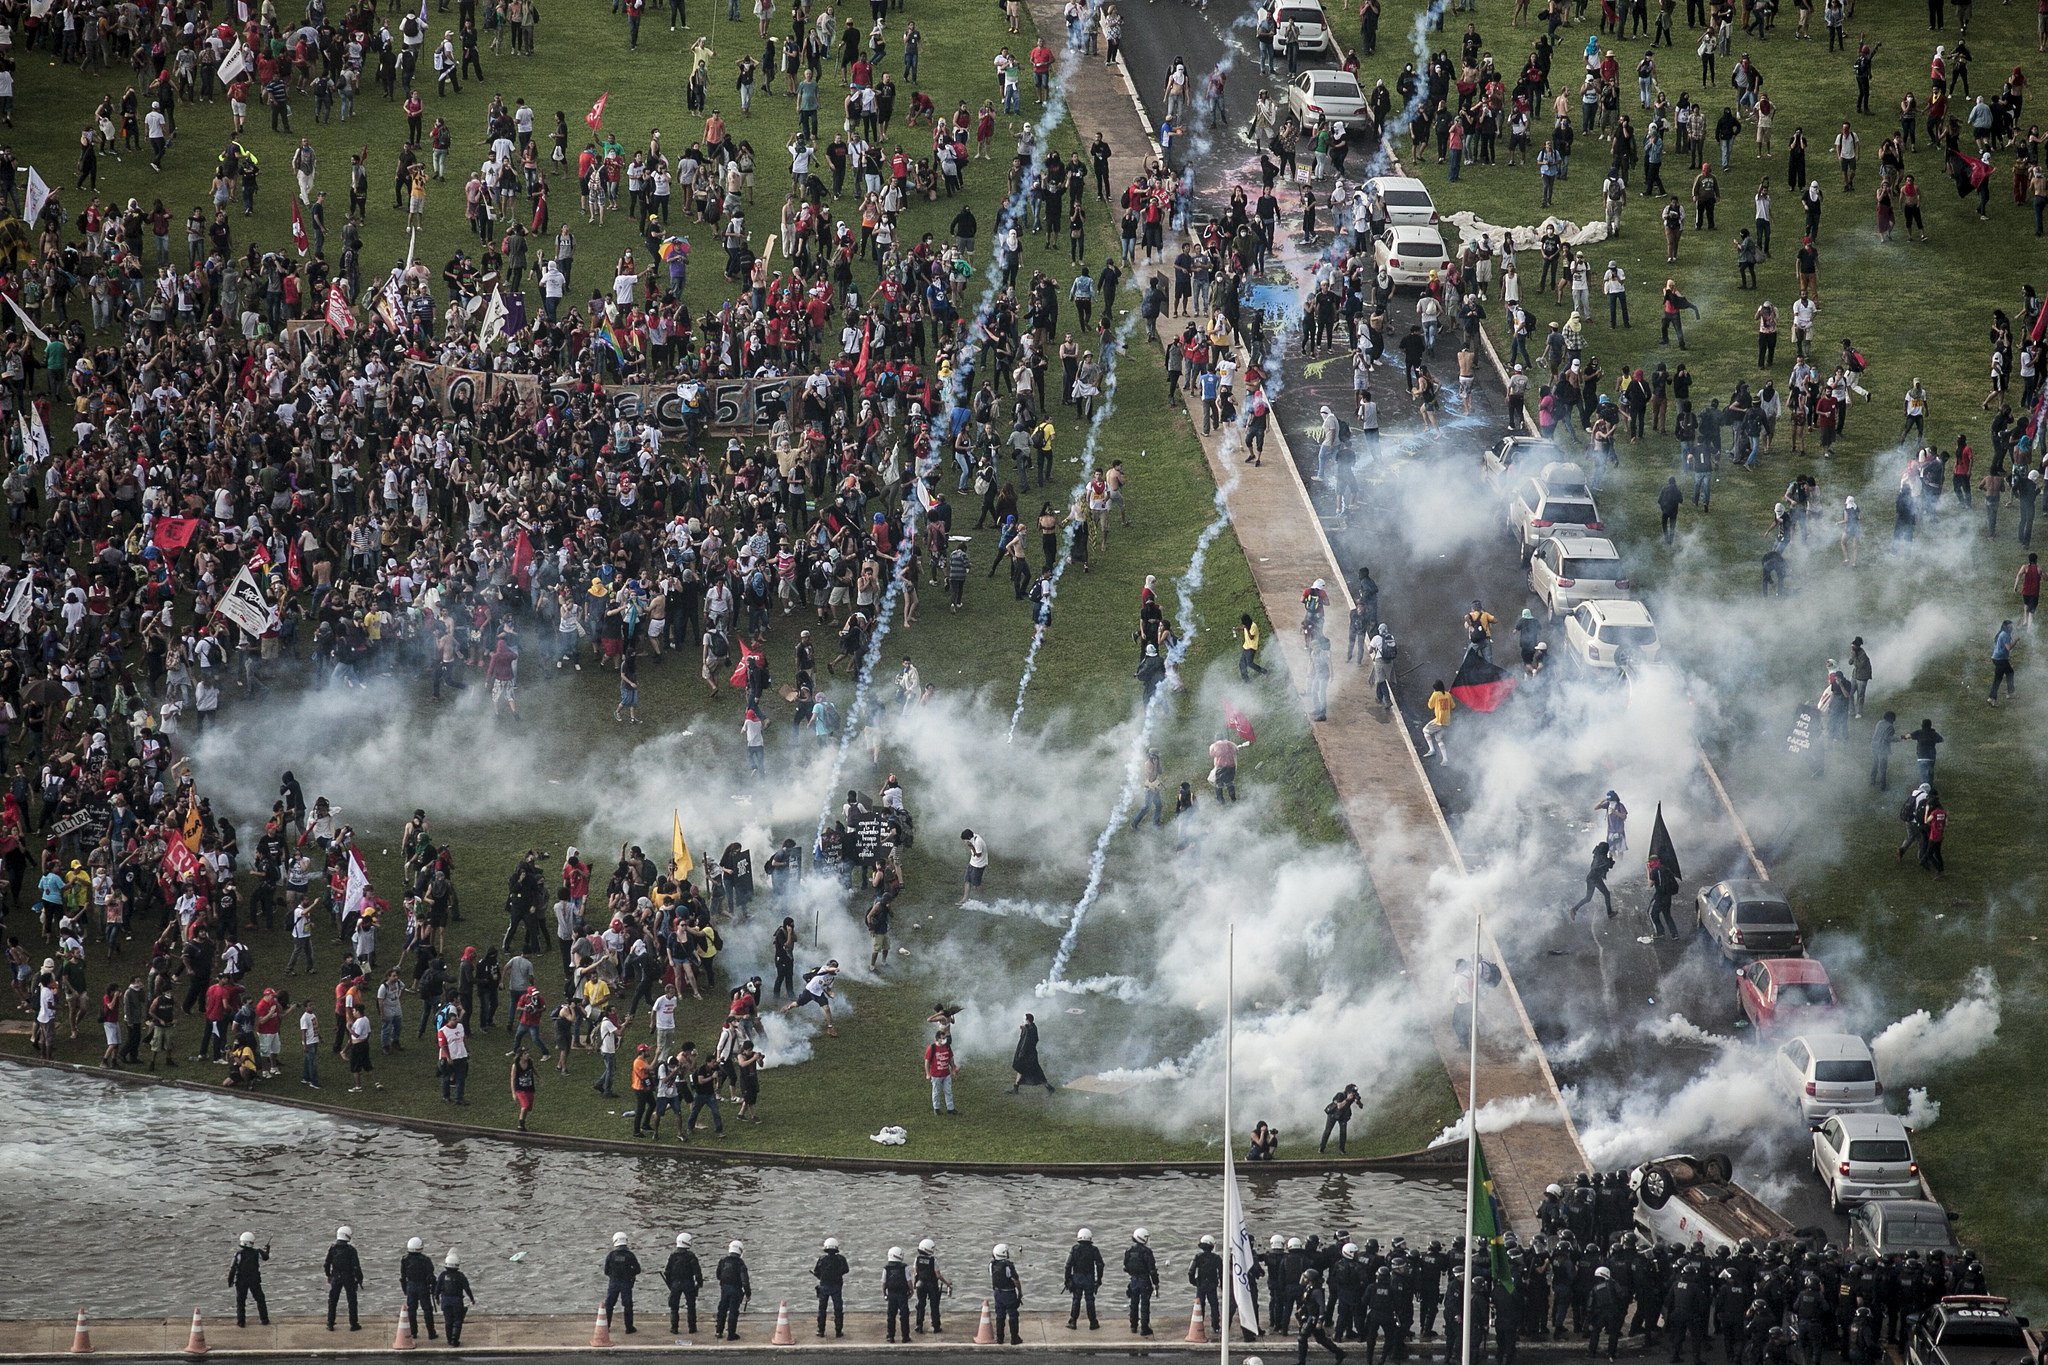 #OcupaBrasília. Ato unificado contra a PEC 55, que congela investimentos em saúde, educação e outras áreas sociais por 20 anos, duramente reprimido pela polícia. Foto: Mídia NINJA